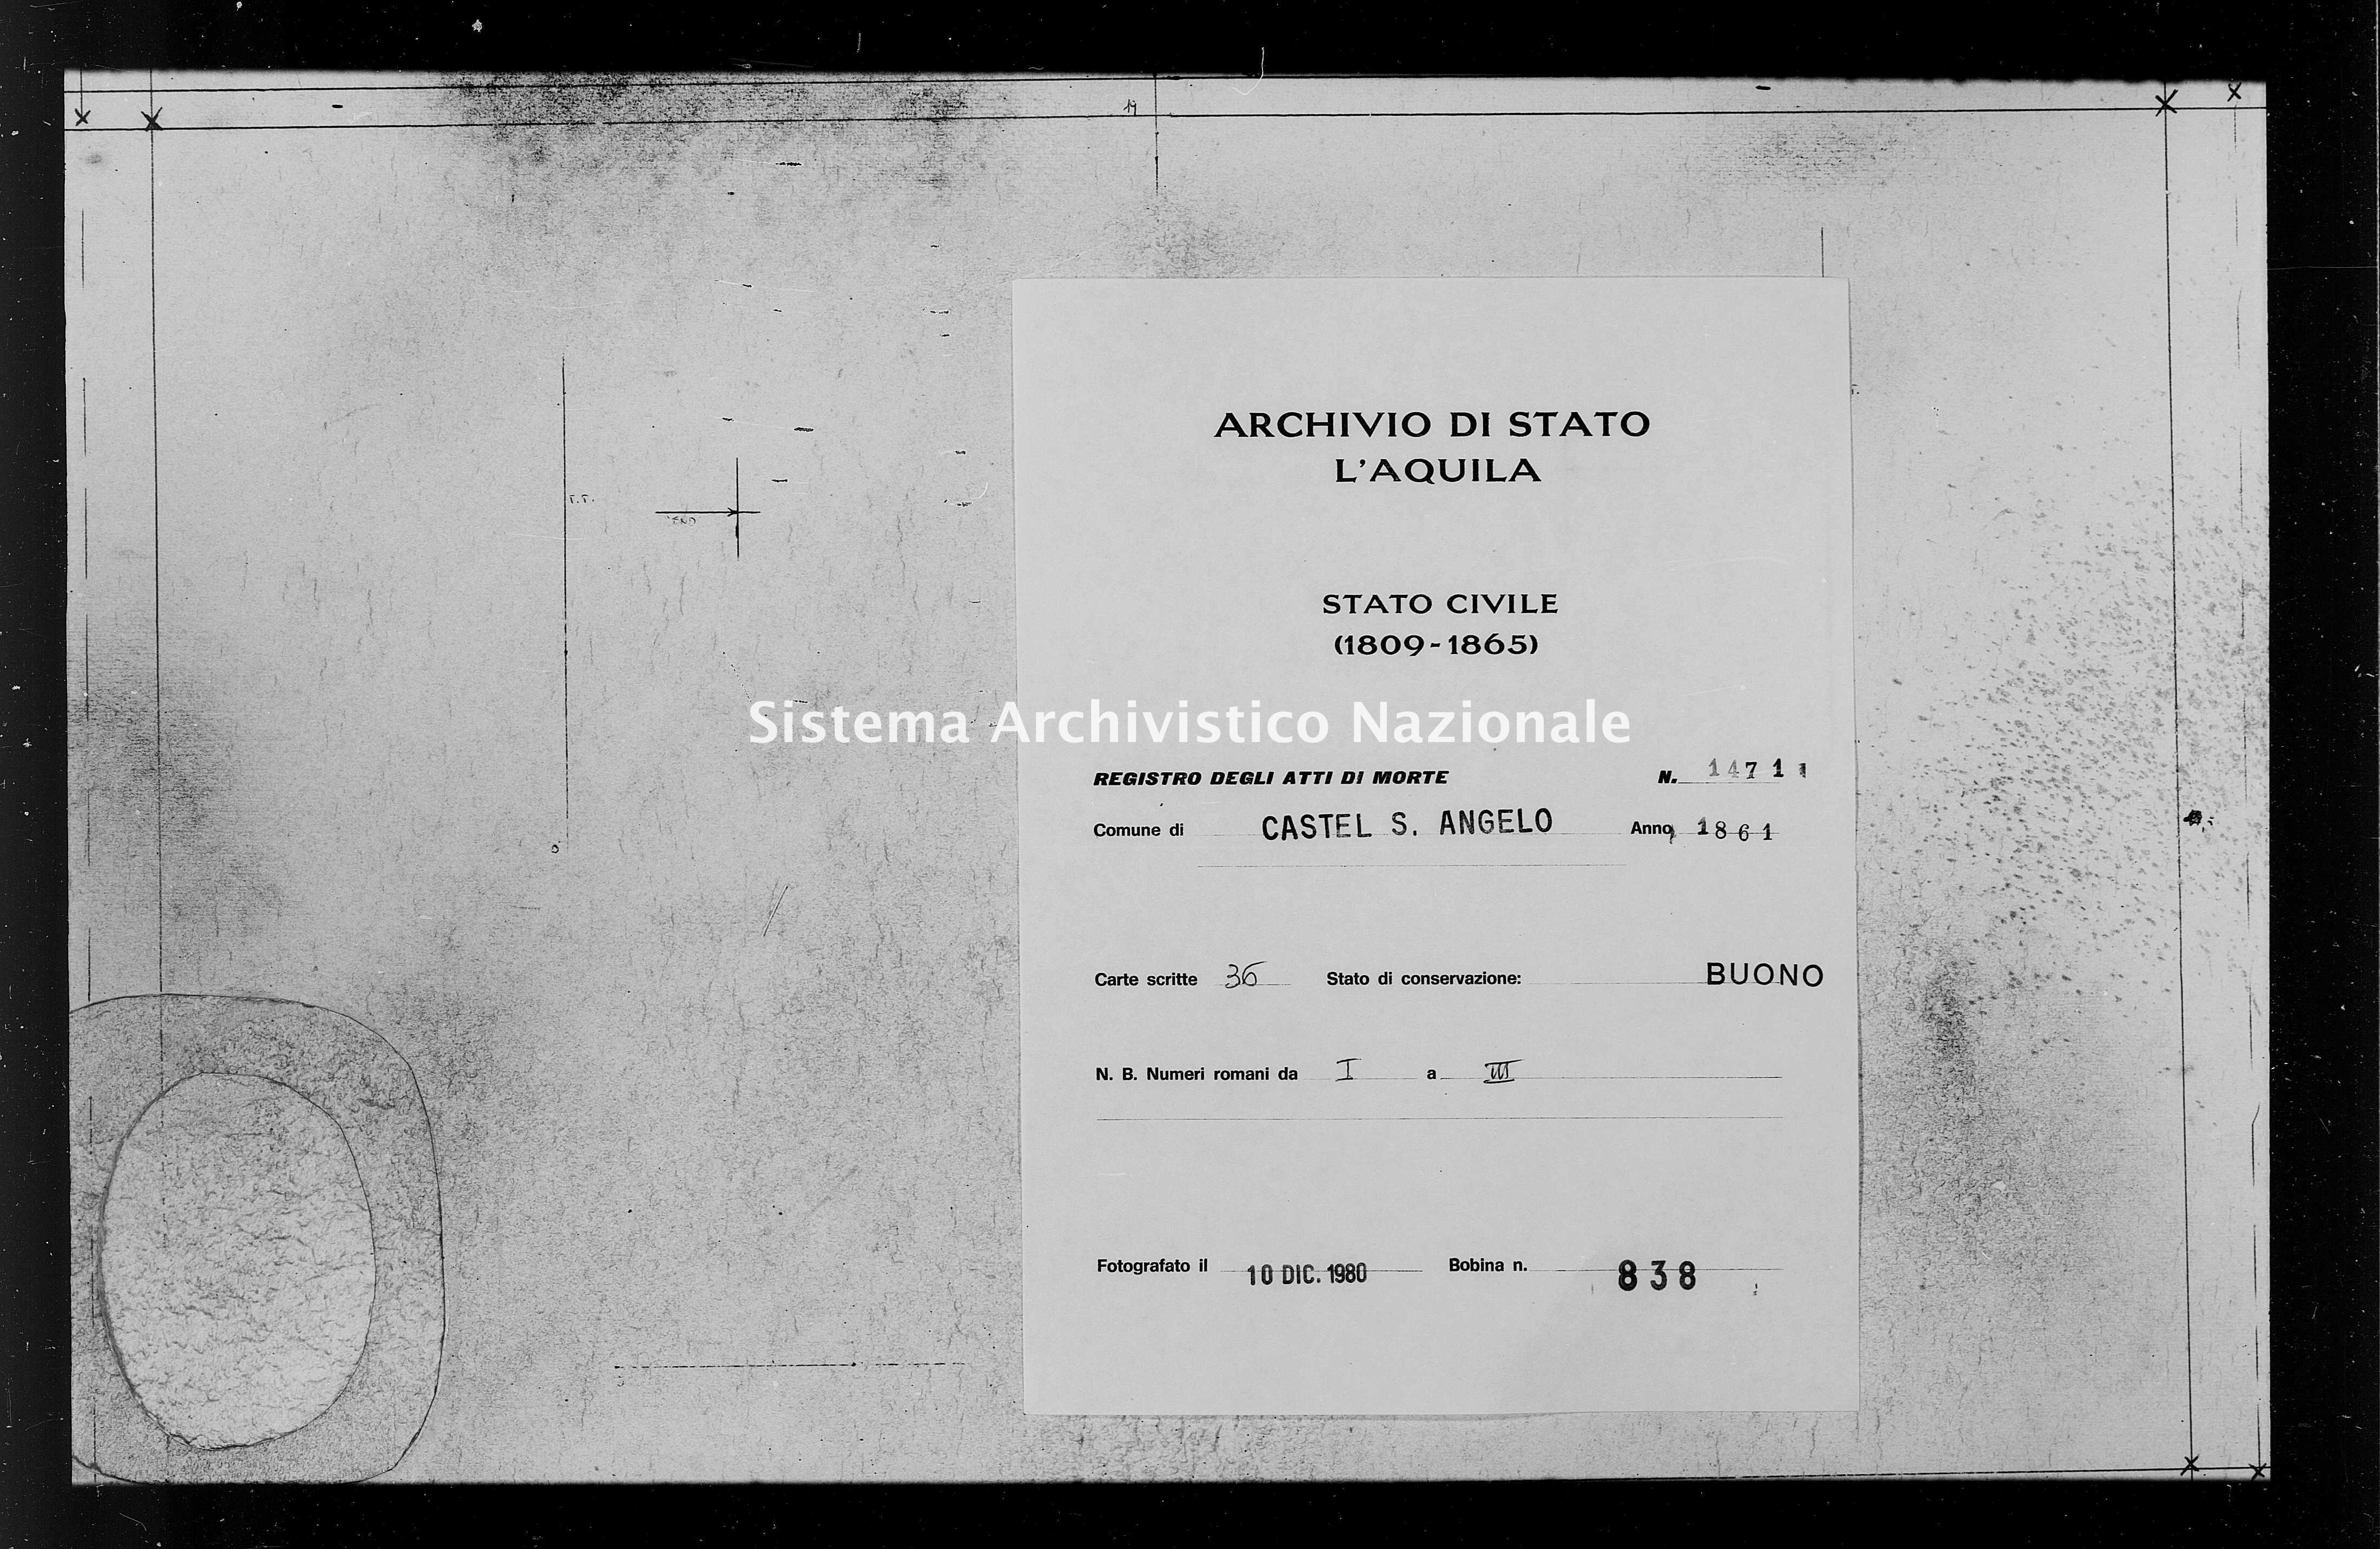 Archivio di stato di L'aquila - Stato civile italiano - Castel Sant'Angelo - Morti - 1861 - 1471 -